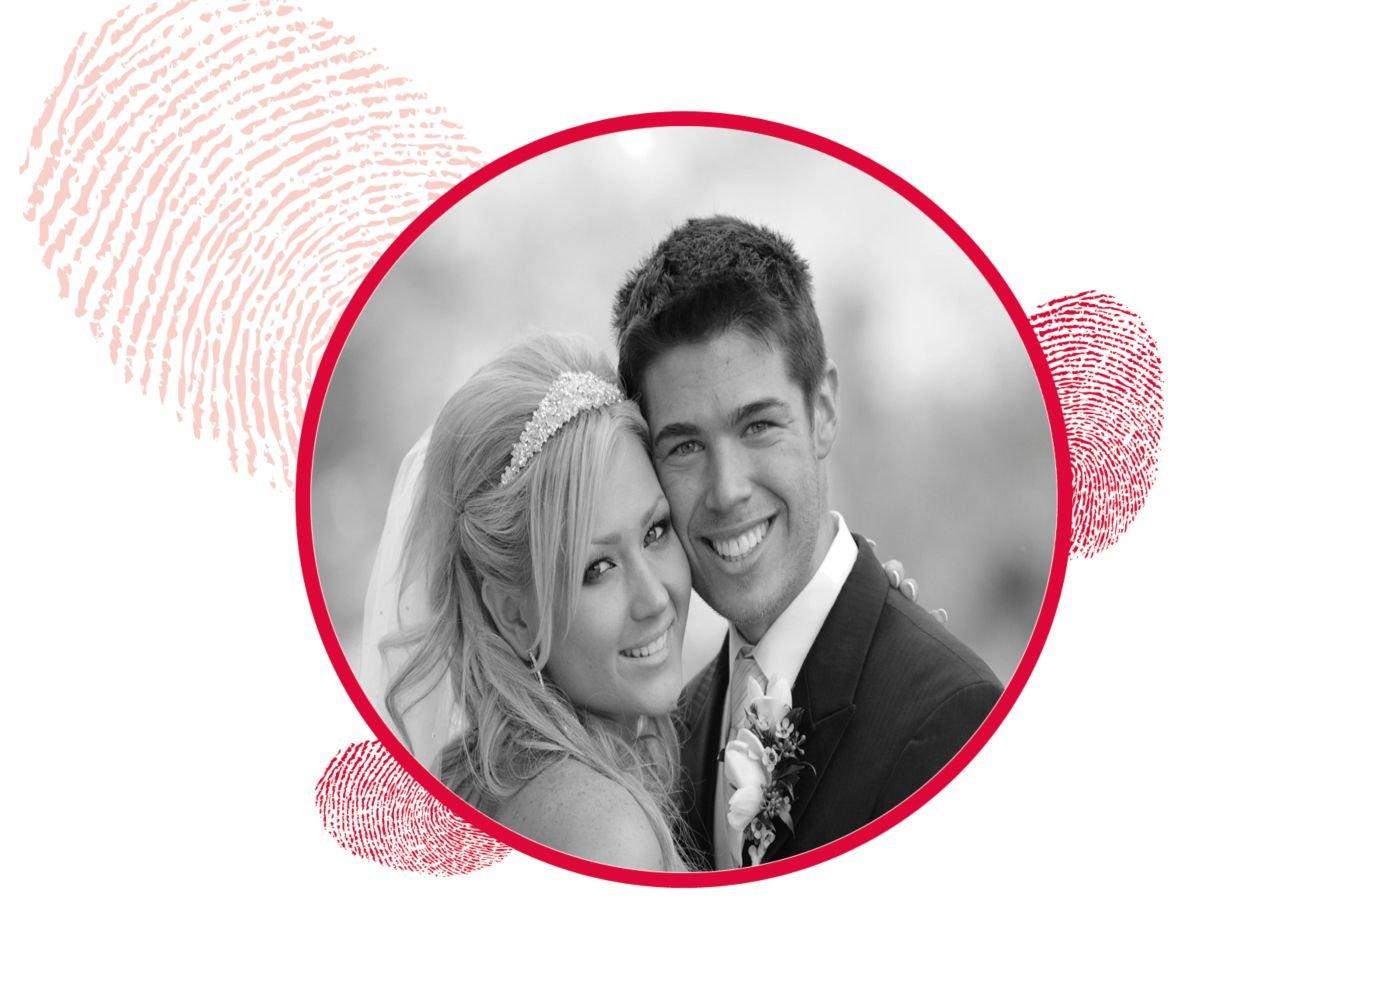 Kartenparadies Danksagung für Hochzeitsgeschenke Hochzeit Dankeskarte fingerprint, hochwertige Danksagungskarte Danksagungskarte Danksagungskarte Hochzeitsglückwünsche inklusive Umschläge   20 Karten - (Format  148x105 mm) Farbe  Grau B01NBWPDF1 | Treten Sie ein in die fcdd96